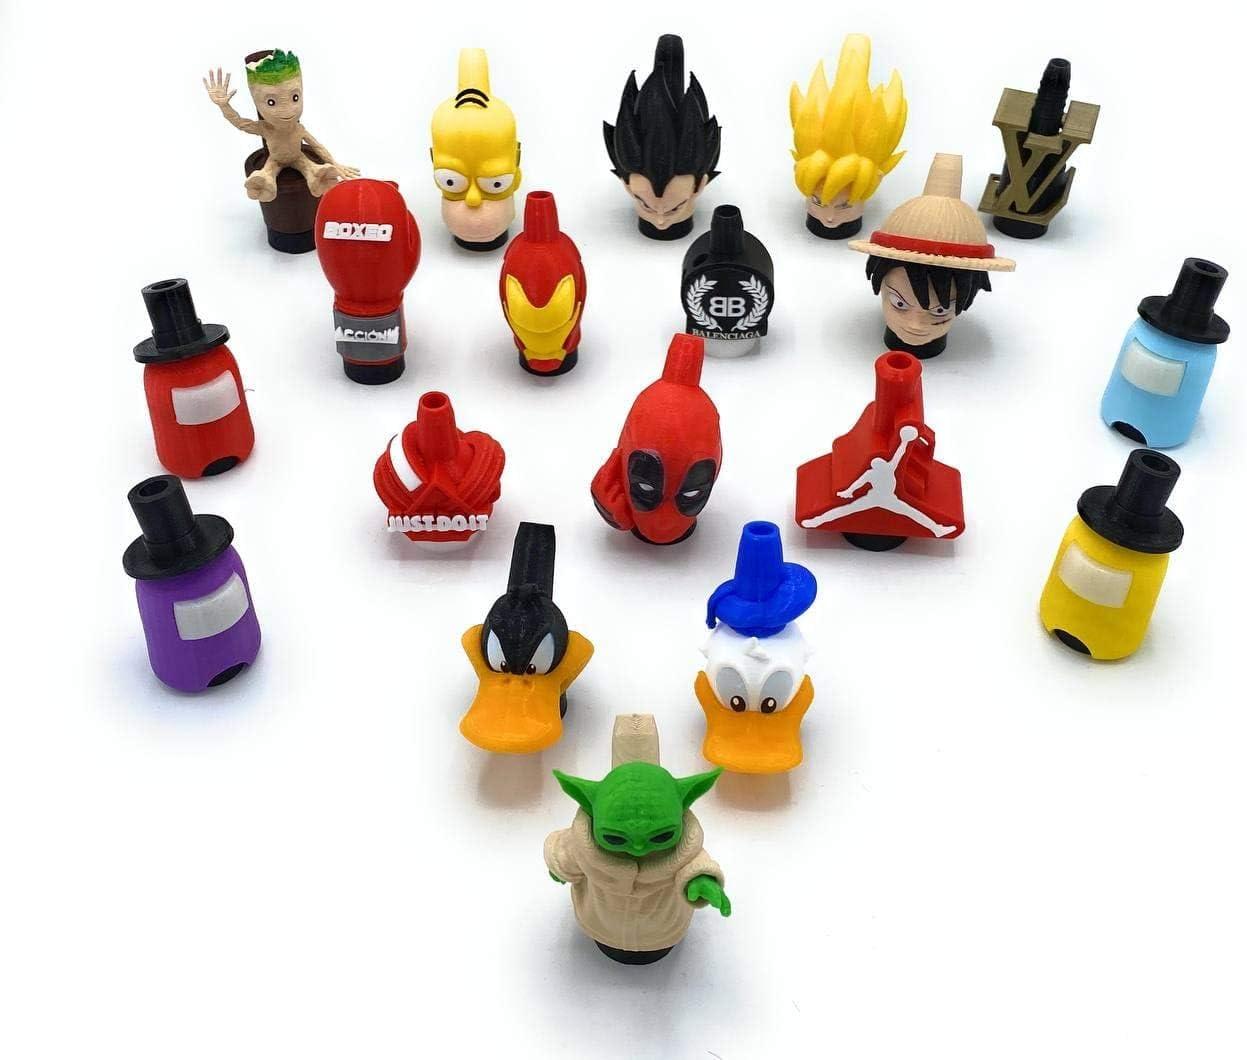 Boquilla premium 3D Shisha, Boquilla Cachimba, Boquilla Hookah, Accesorio Shisha, Accesorio Cachimba, Boquilla 3D, Boquilla Premium (JustDoIt)